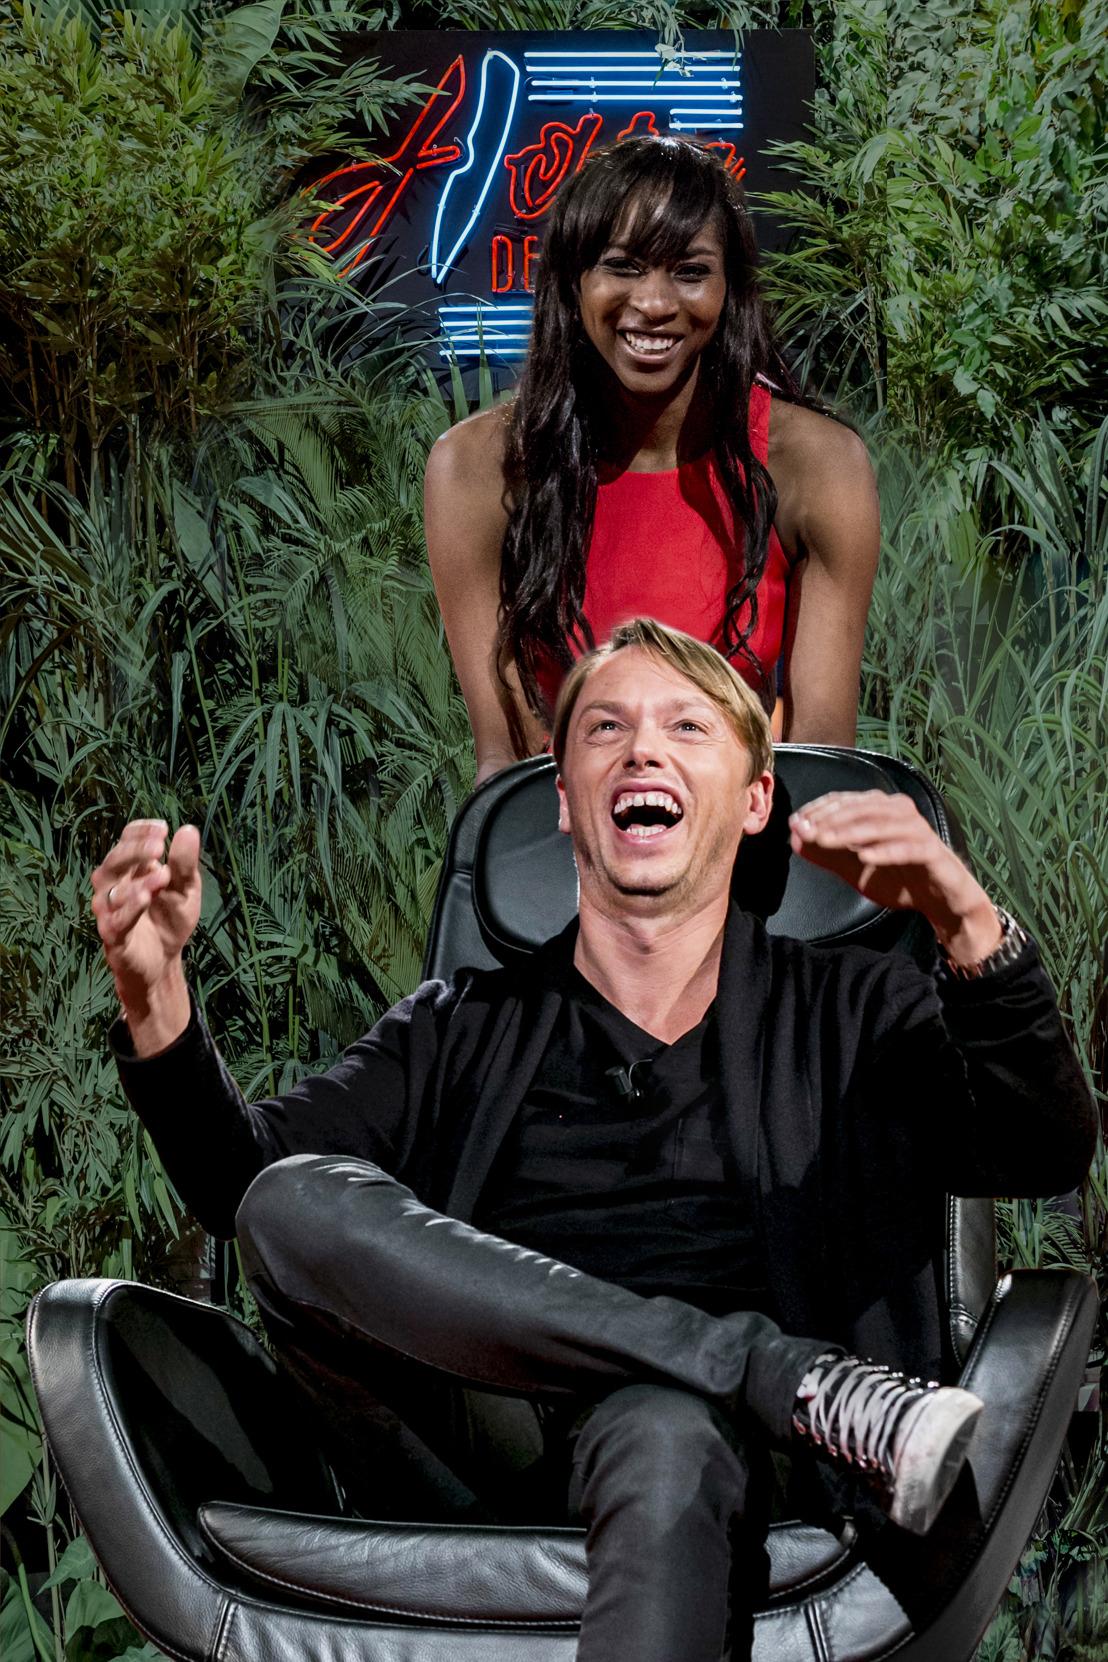 Regi en Karen Damen in nieuw seizoen van Achter de Rug